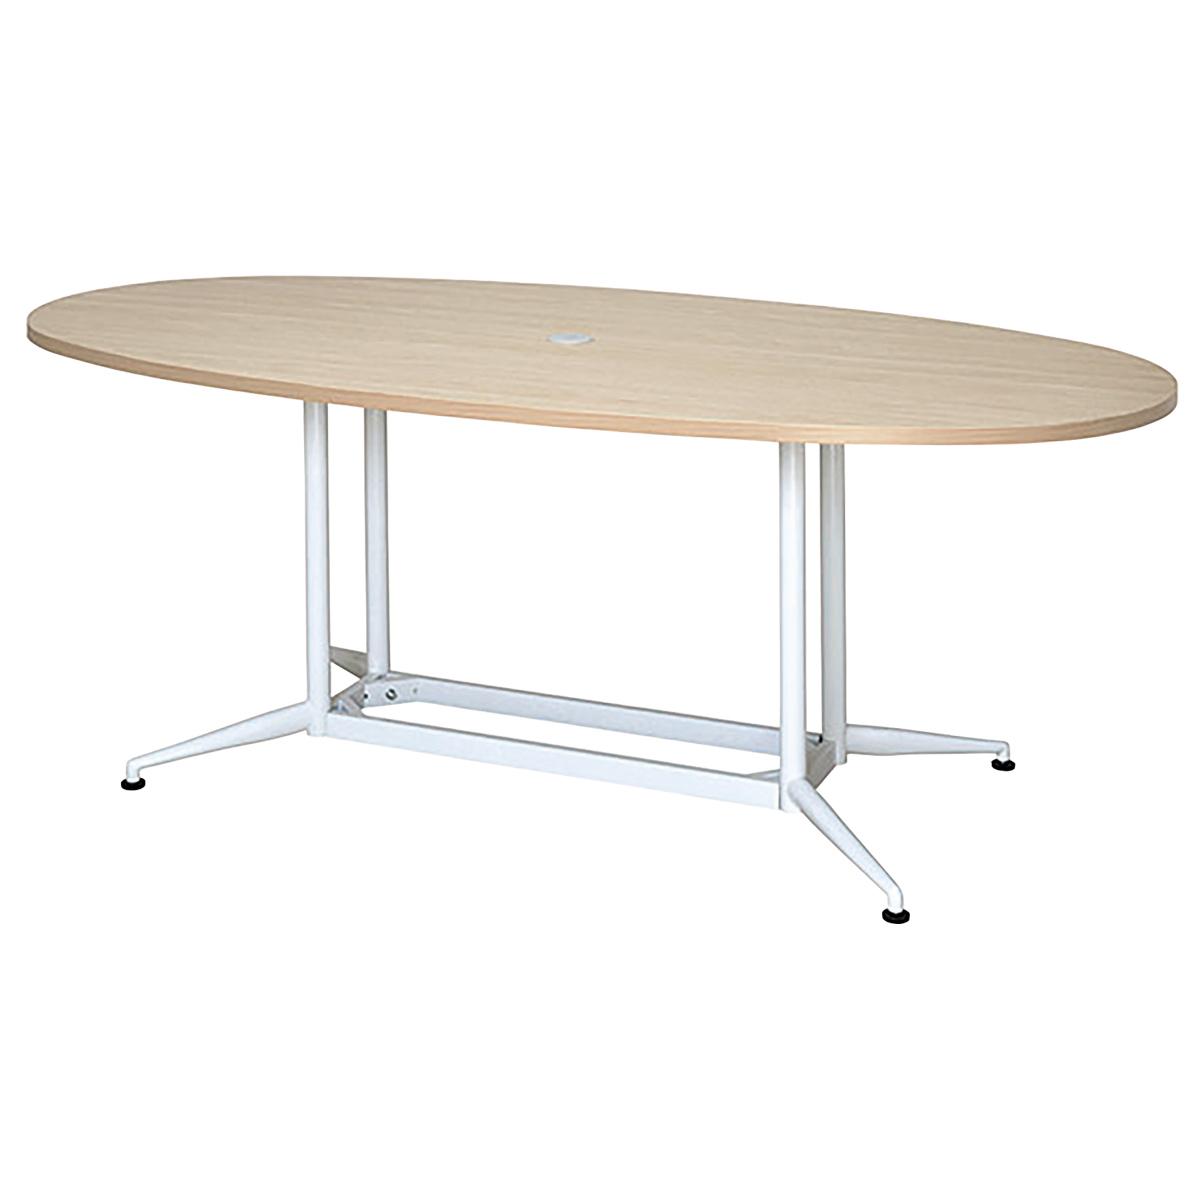 OAオーバルテーブル W1800 D900 H700 ナチュラル テーブル ミーティングテーブル RYシリーズ オフィス家具 オフィステーブル 会議用テーブル パソコン キャップ